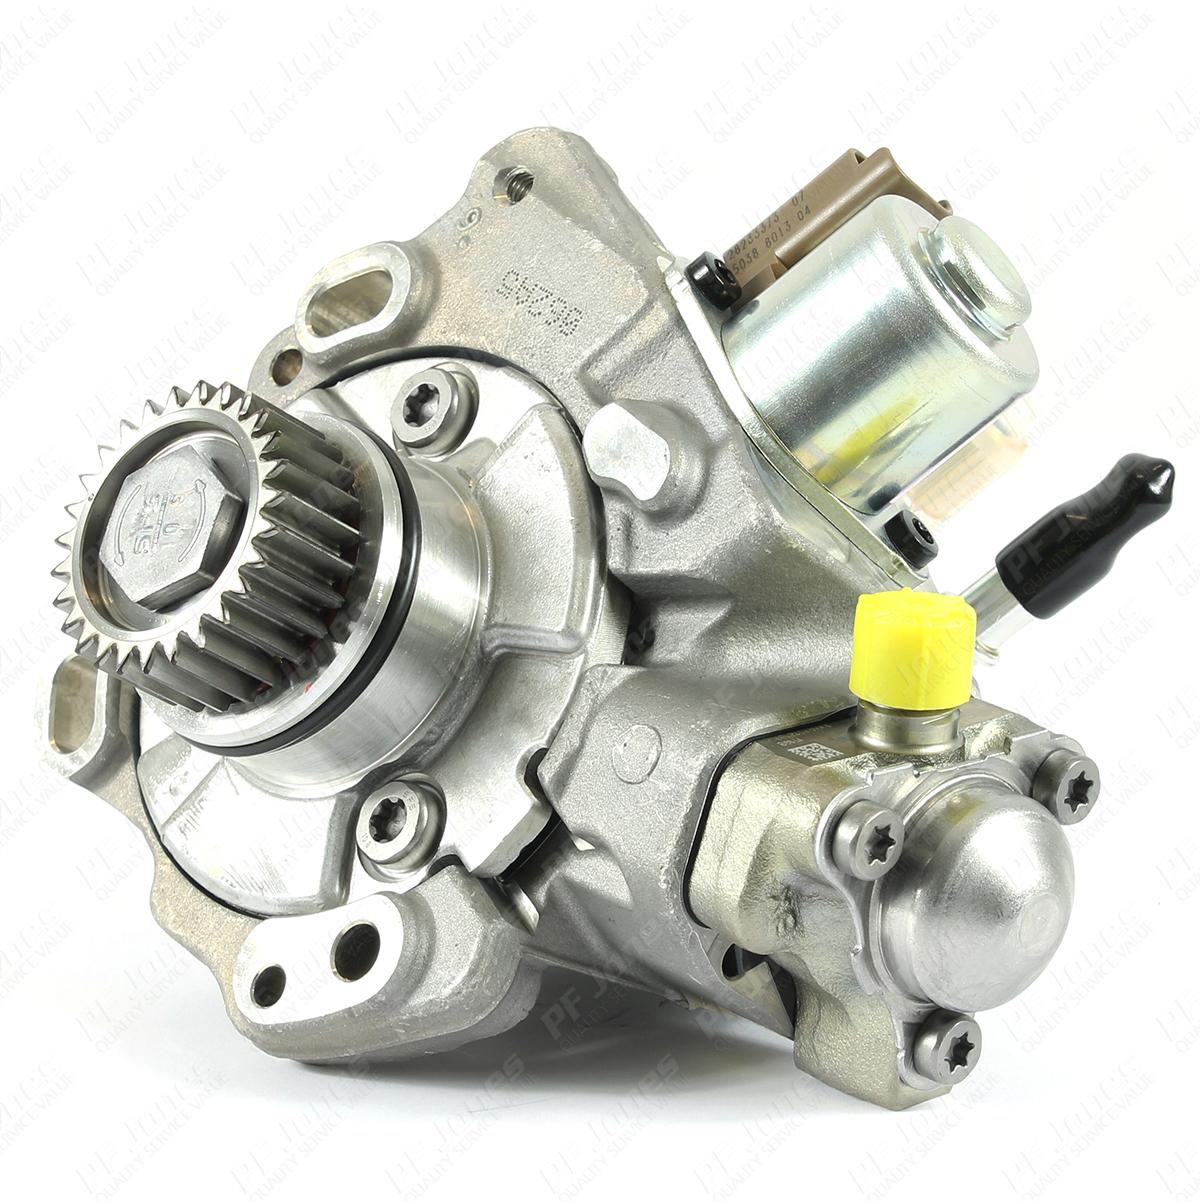 Mercedes Vito 2.2 CDi 2014 Onwards New Delphi Diesel Fuel Pump 28447441